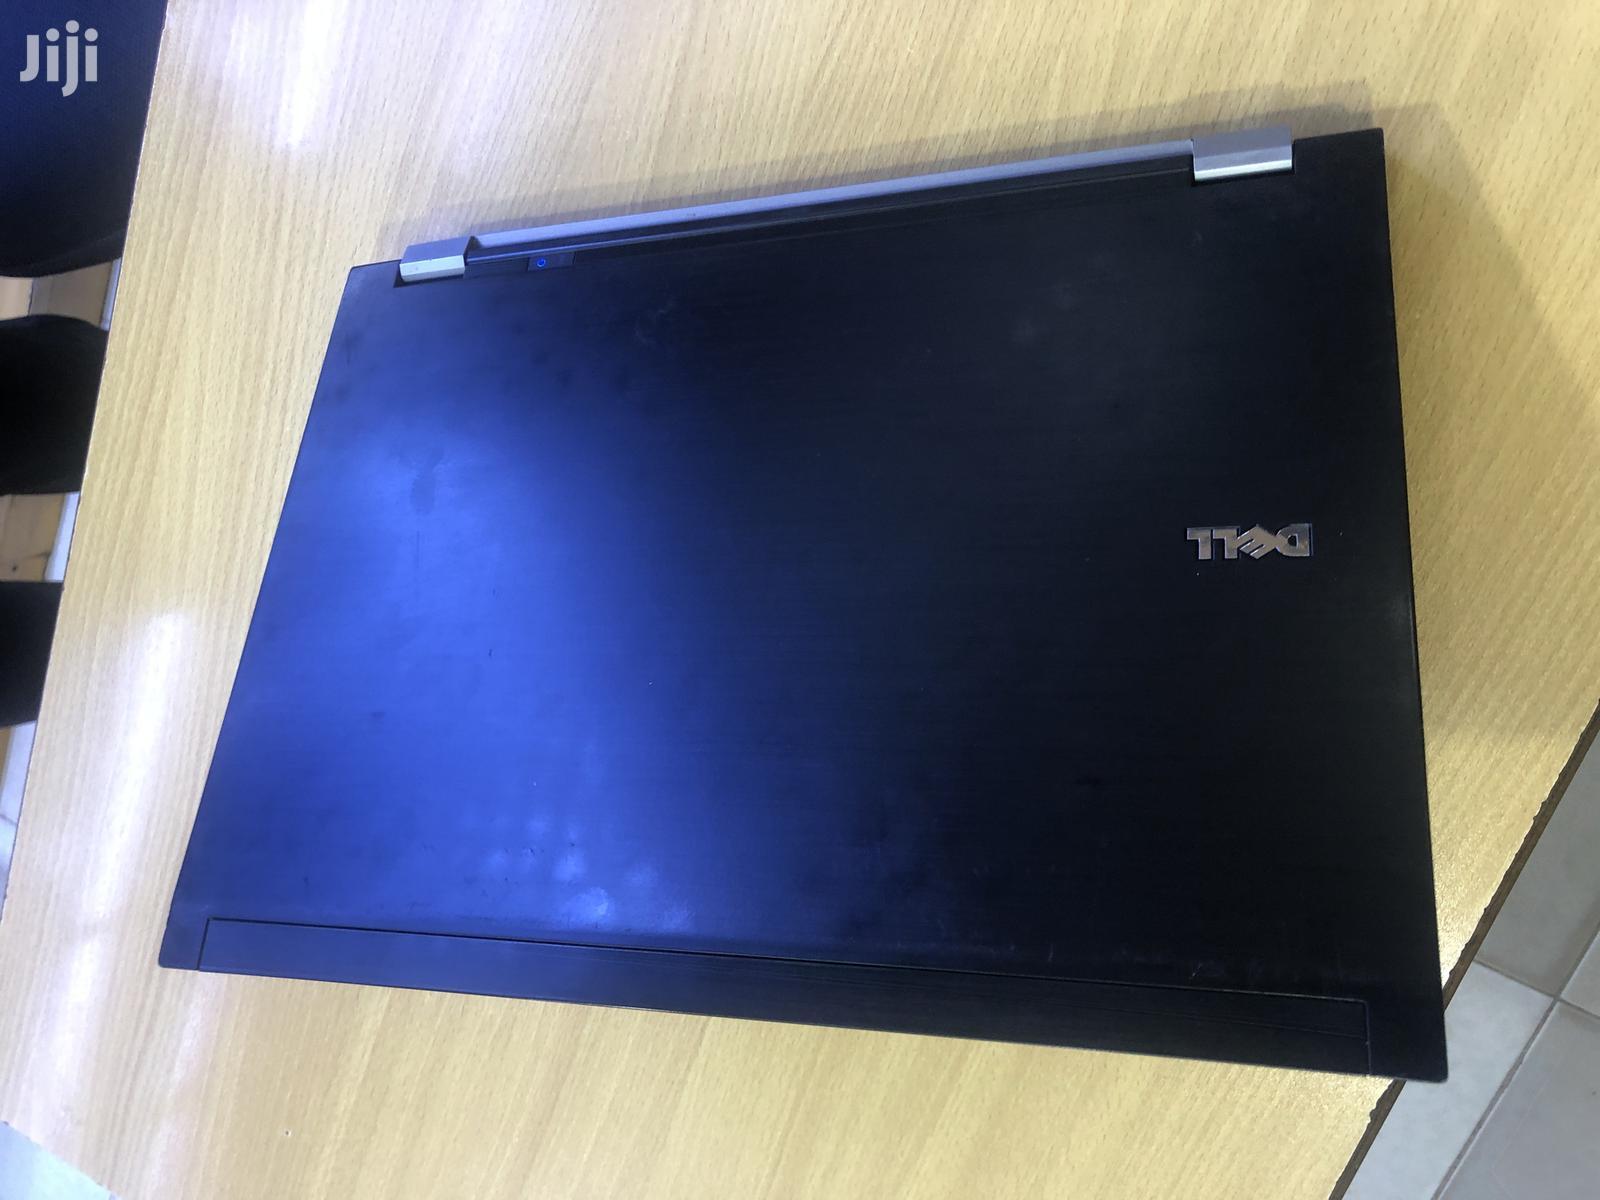 Laptop Dell Latitude E6400 2GB Intel Core 2 Duo 160GB | Laptops & Computers for sale in Kampala, Central Region, Uganda